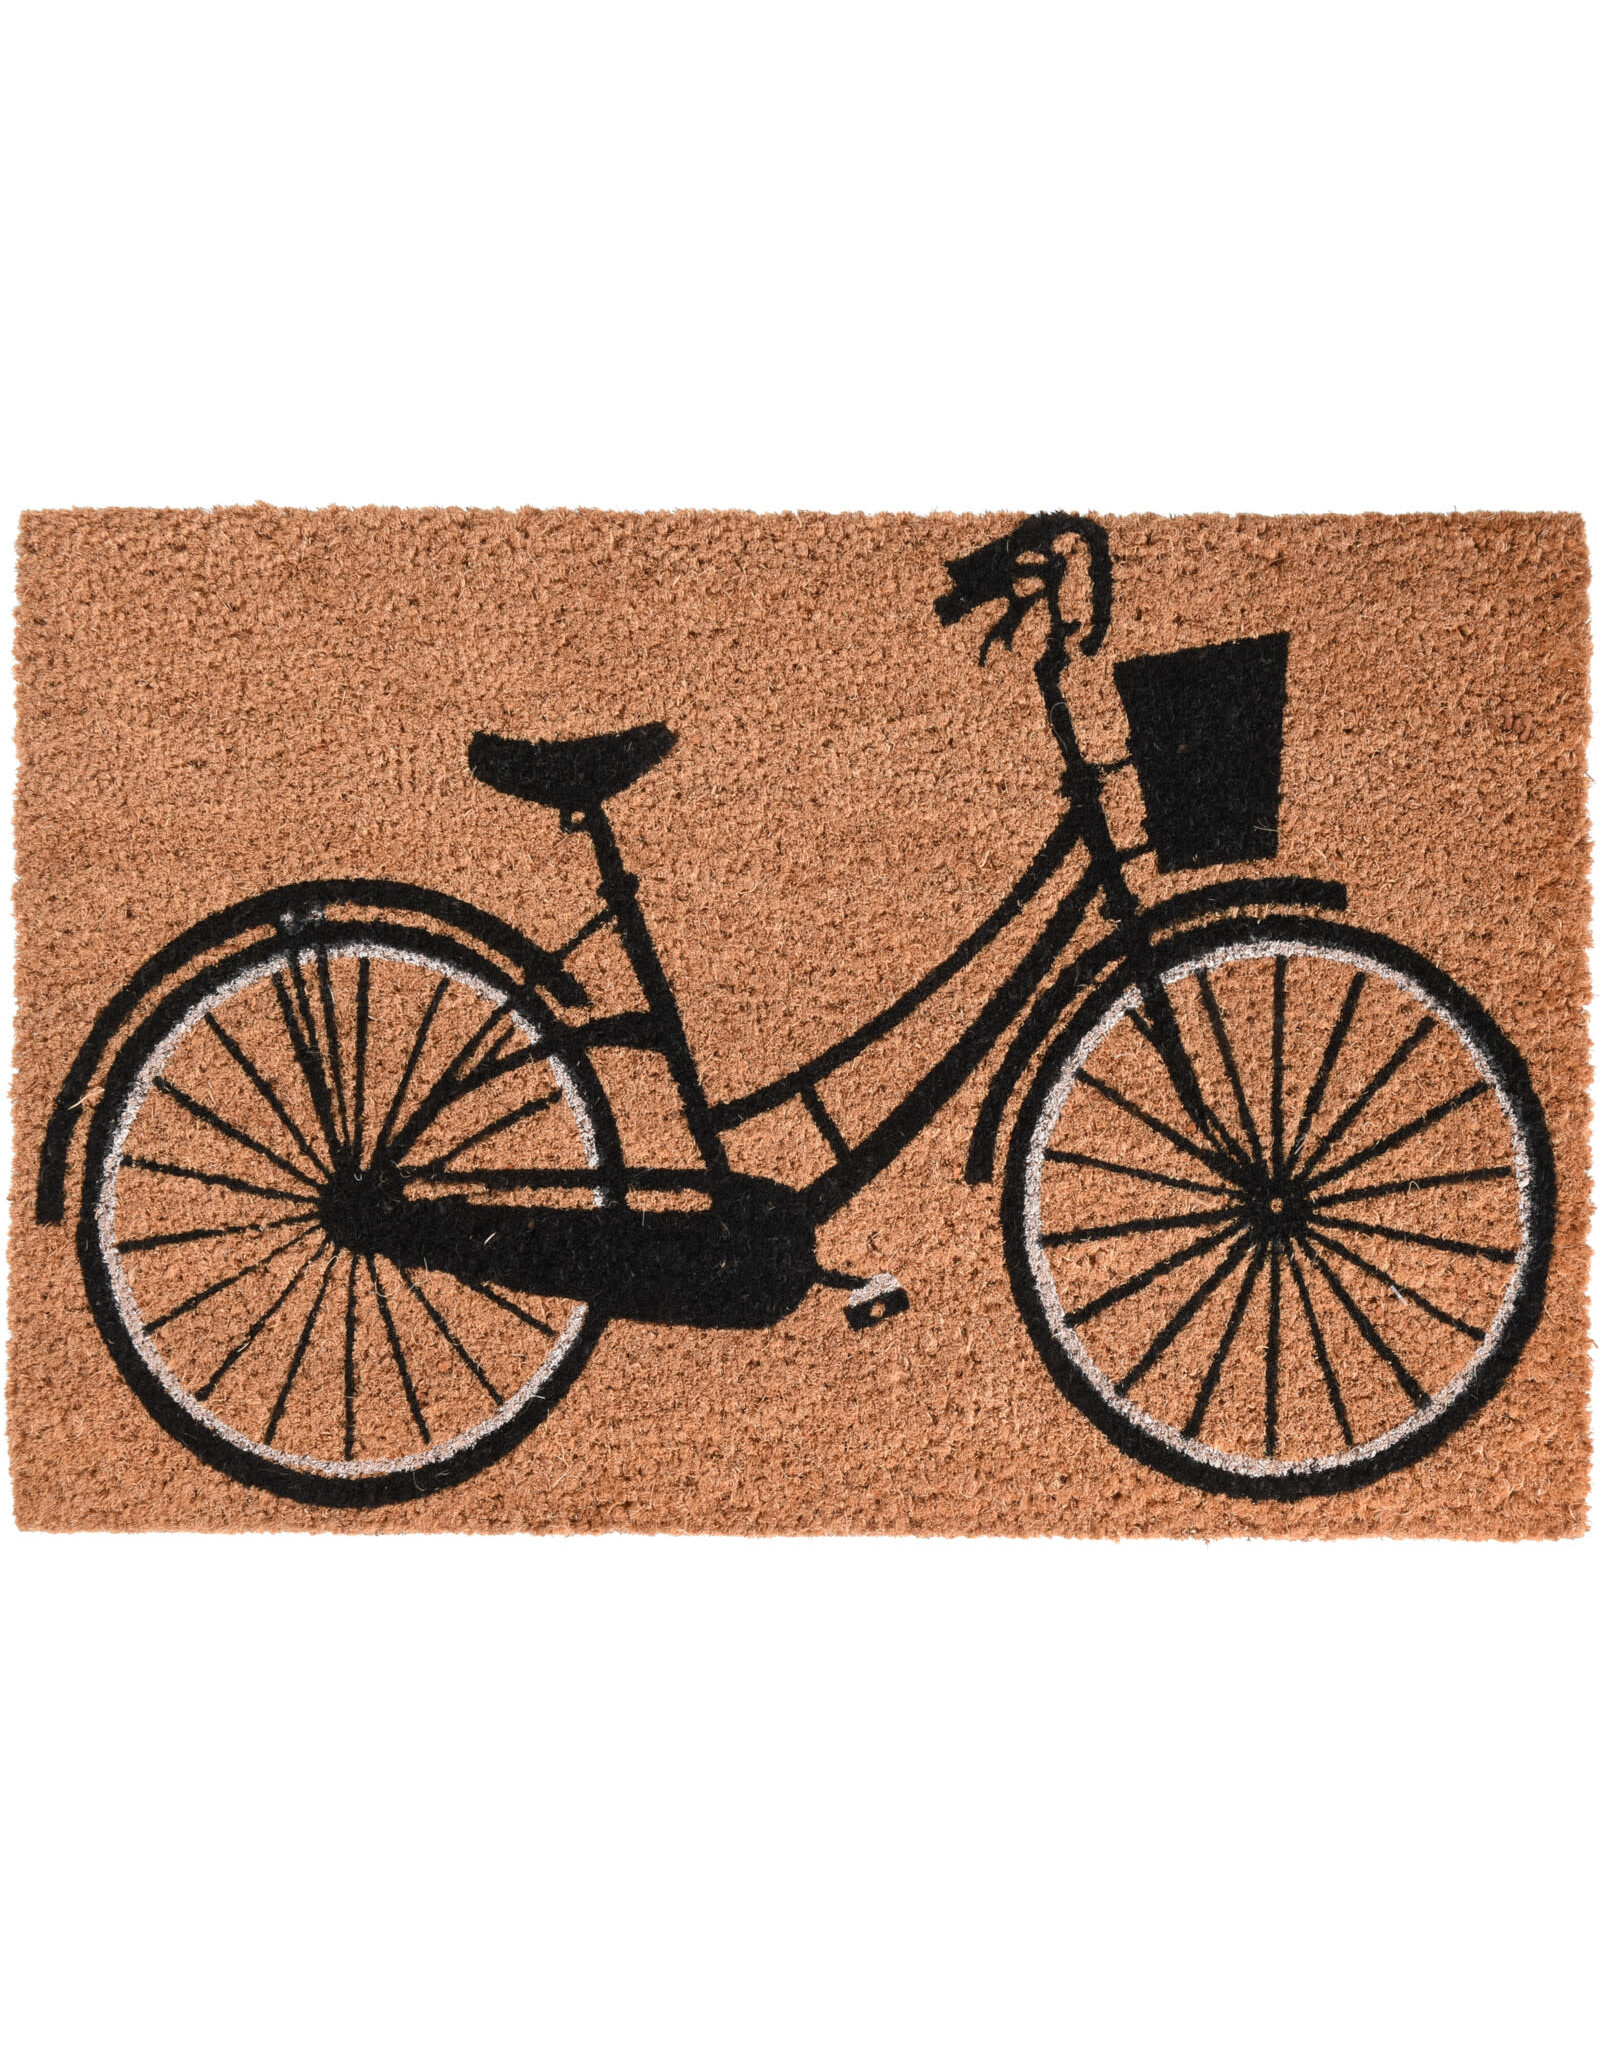 Koopman Doormat Cocos 39X59Cm Bike